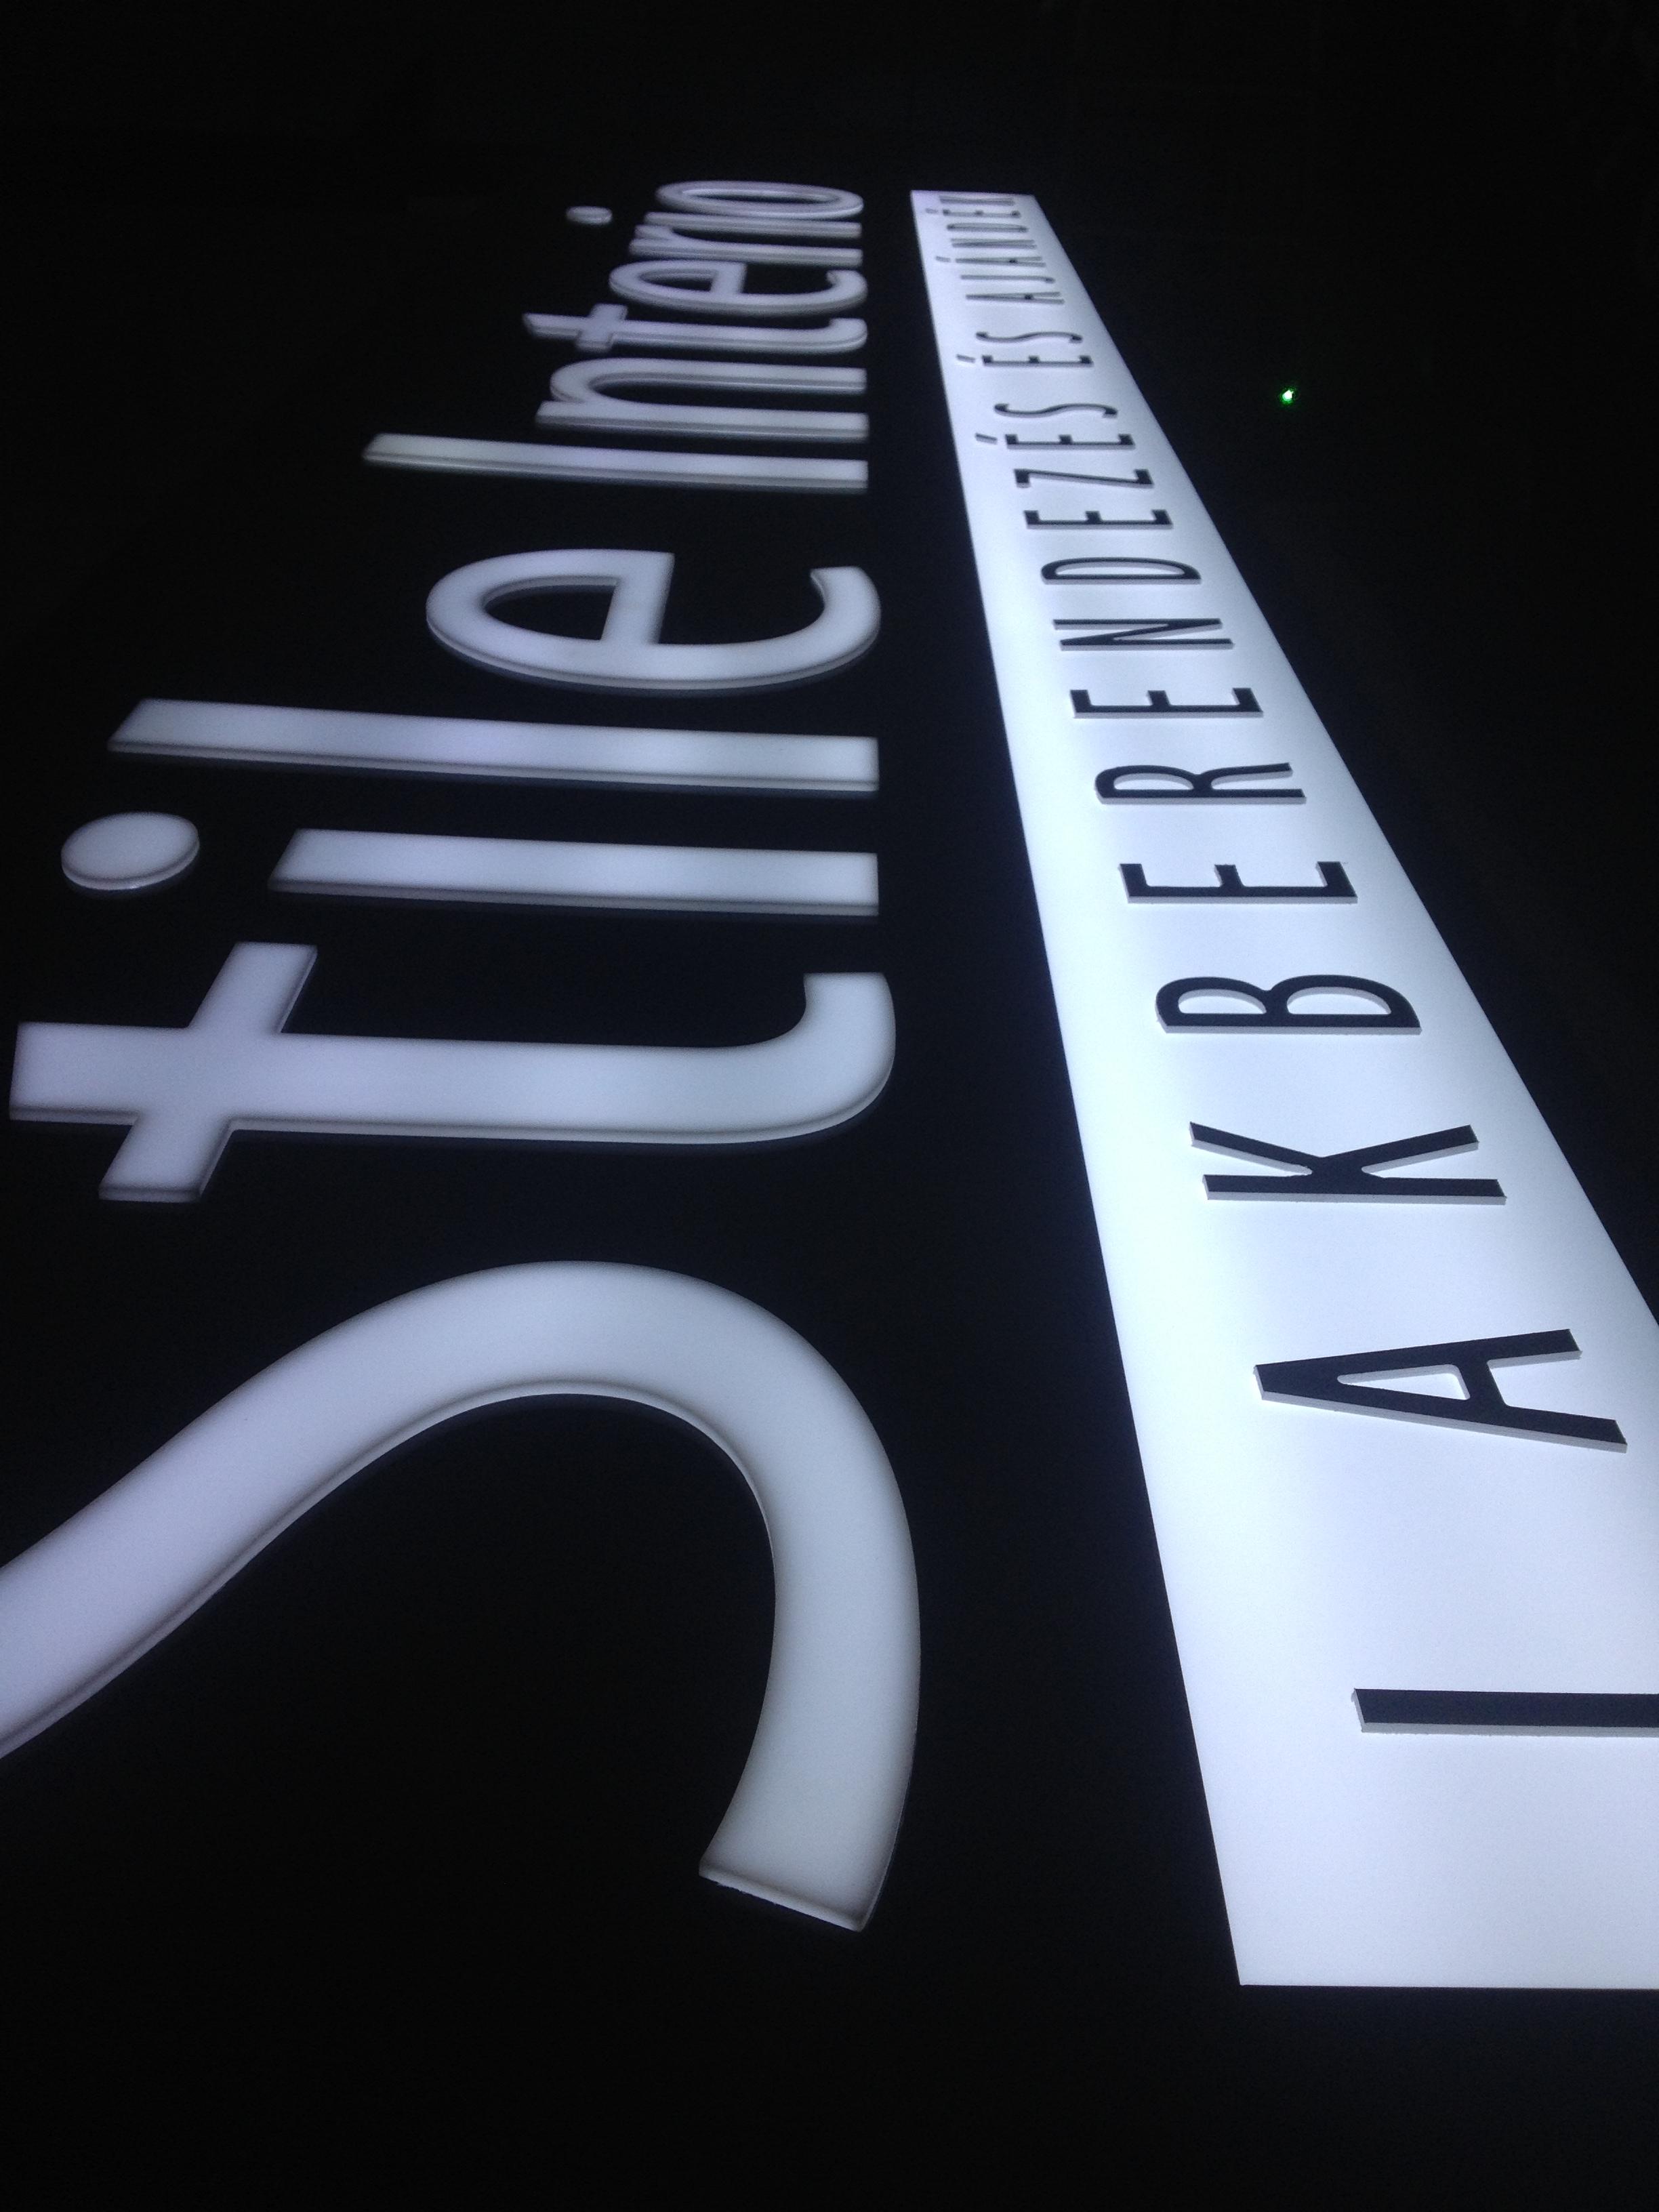 Világító tábla, plasztikus betű, LED, PROFI-L Studio Dekor.JPG